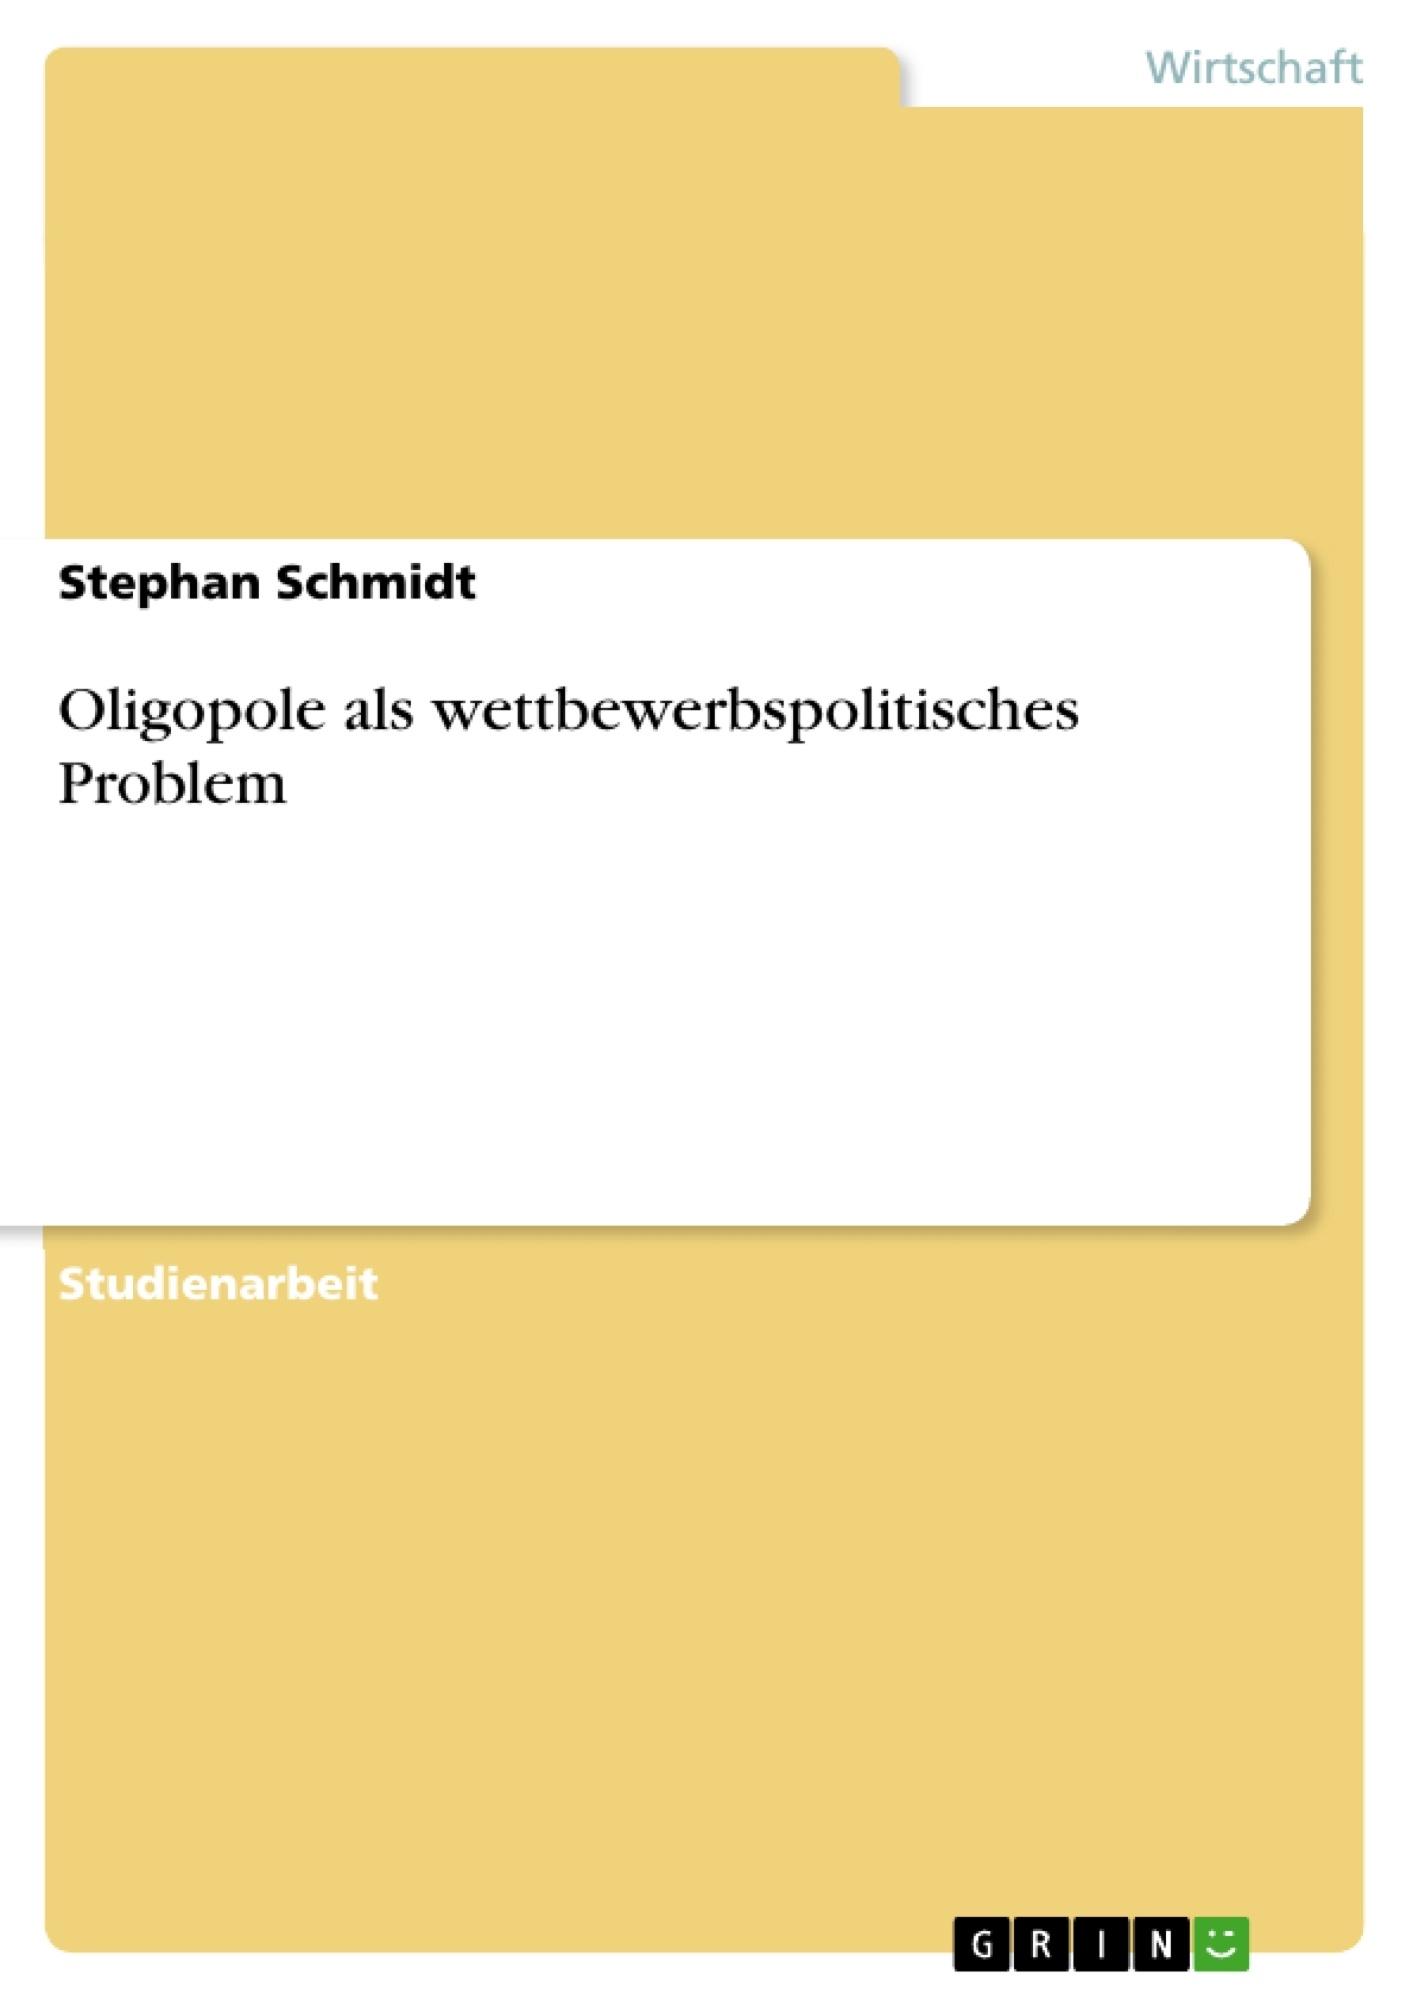 Titel: Oligopole als wettbewerbspolitisches Problem